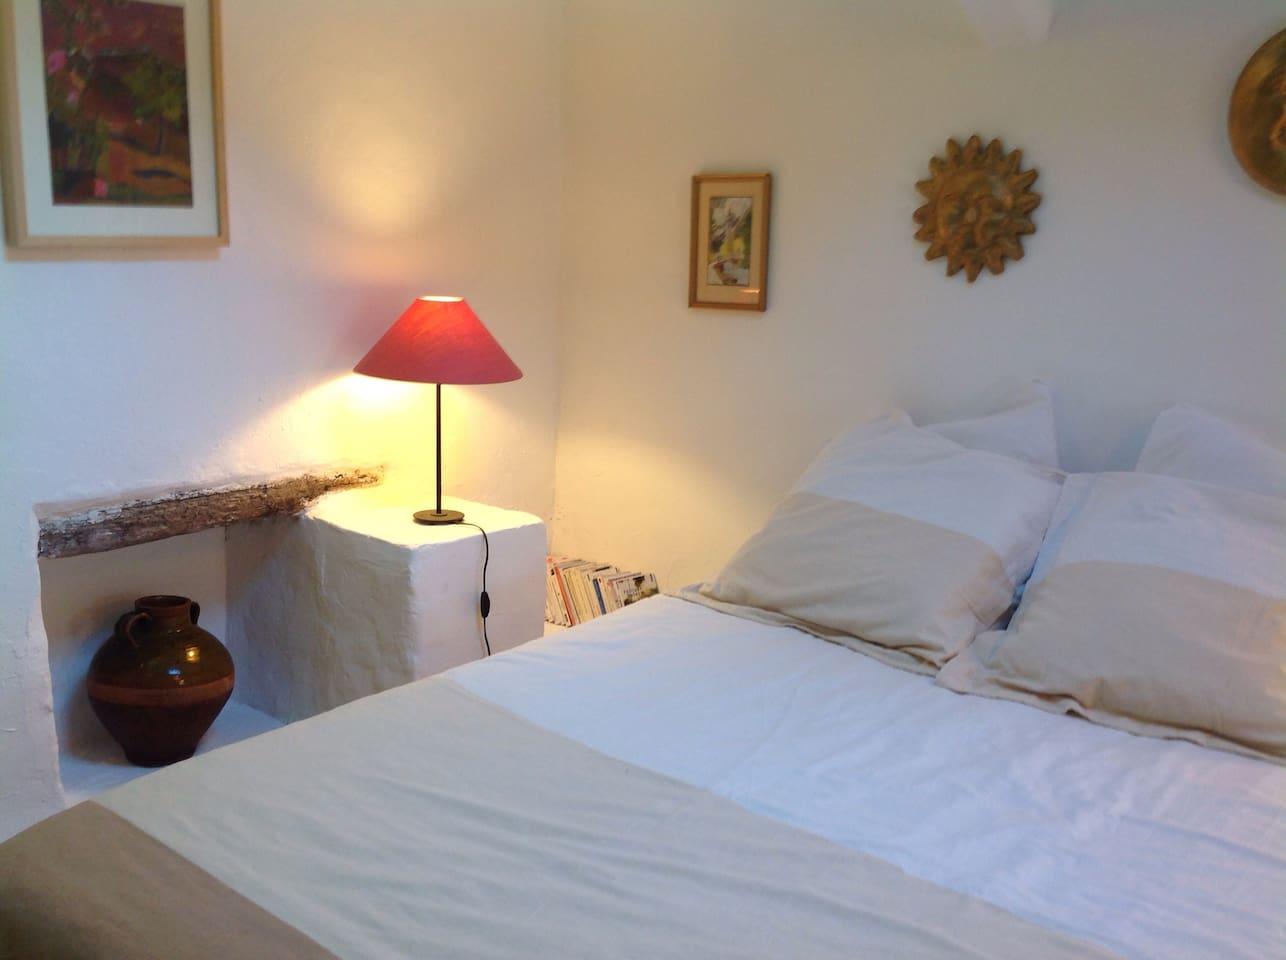 La chambre, avec un lit 140 x 190 cm, avec une fenêtre de toit ouvrante et store occultant.